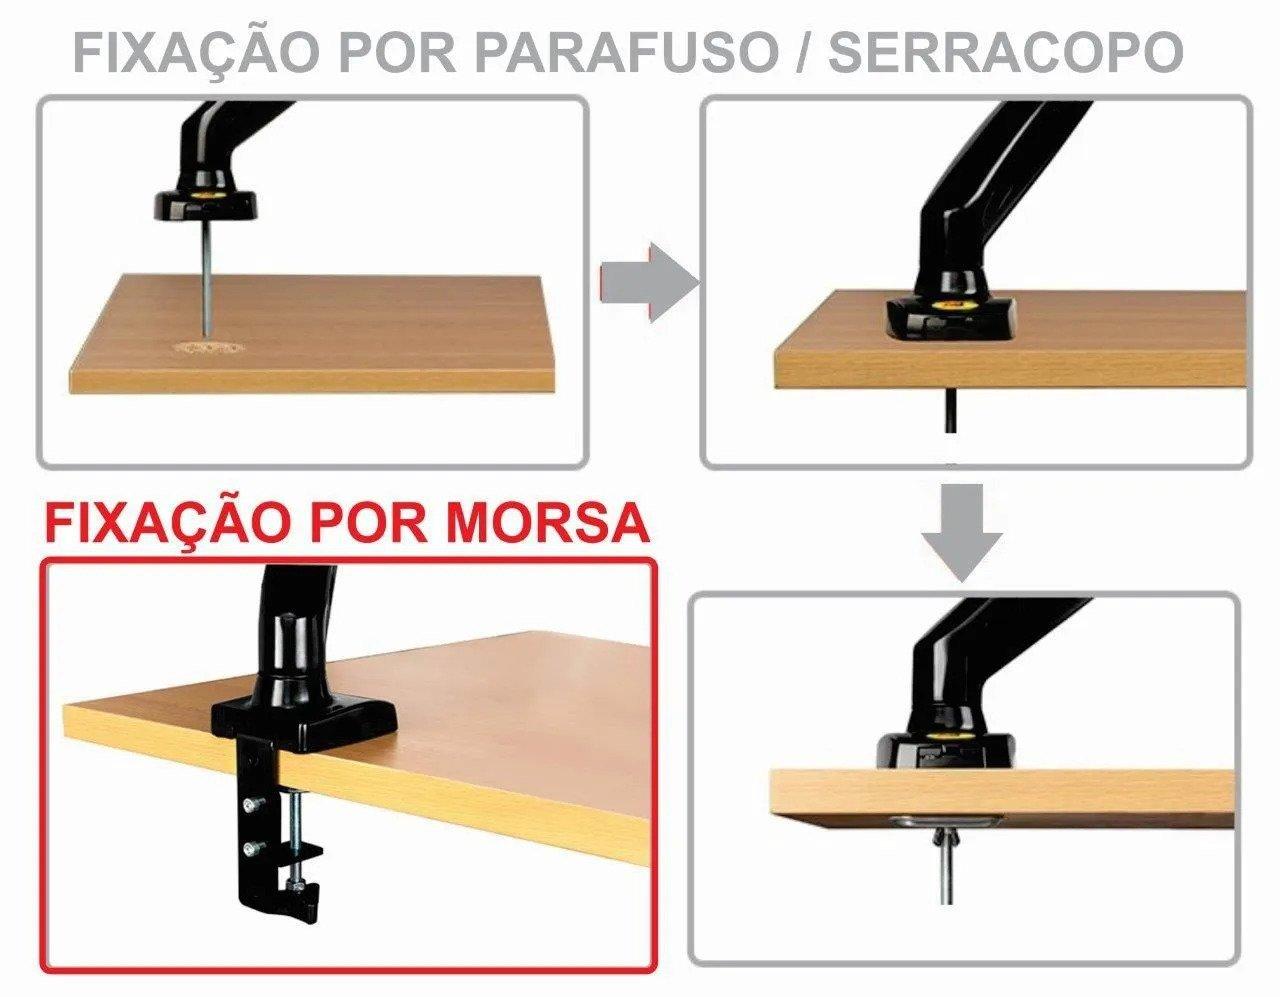 5 fixacao morsa parafuso suporte mesa